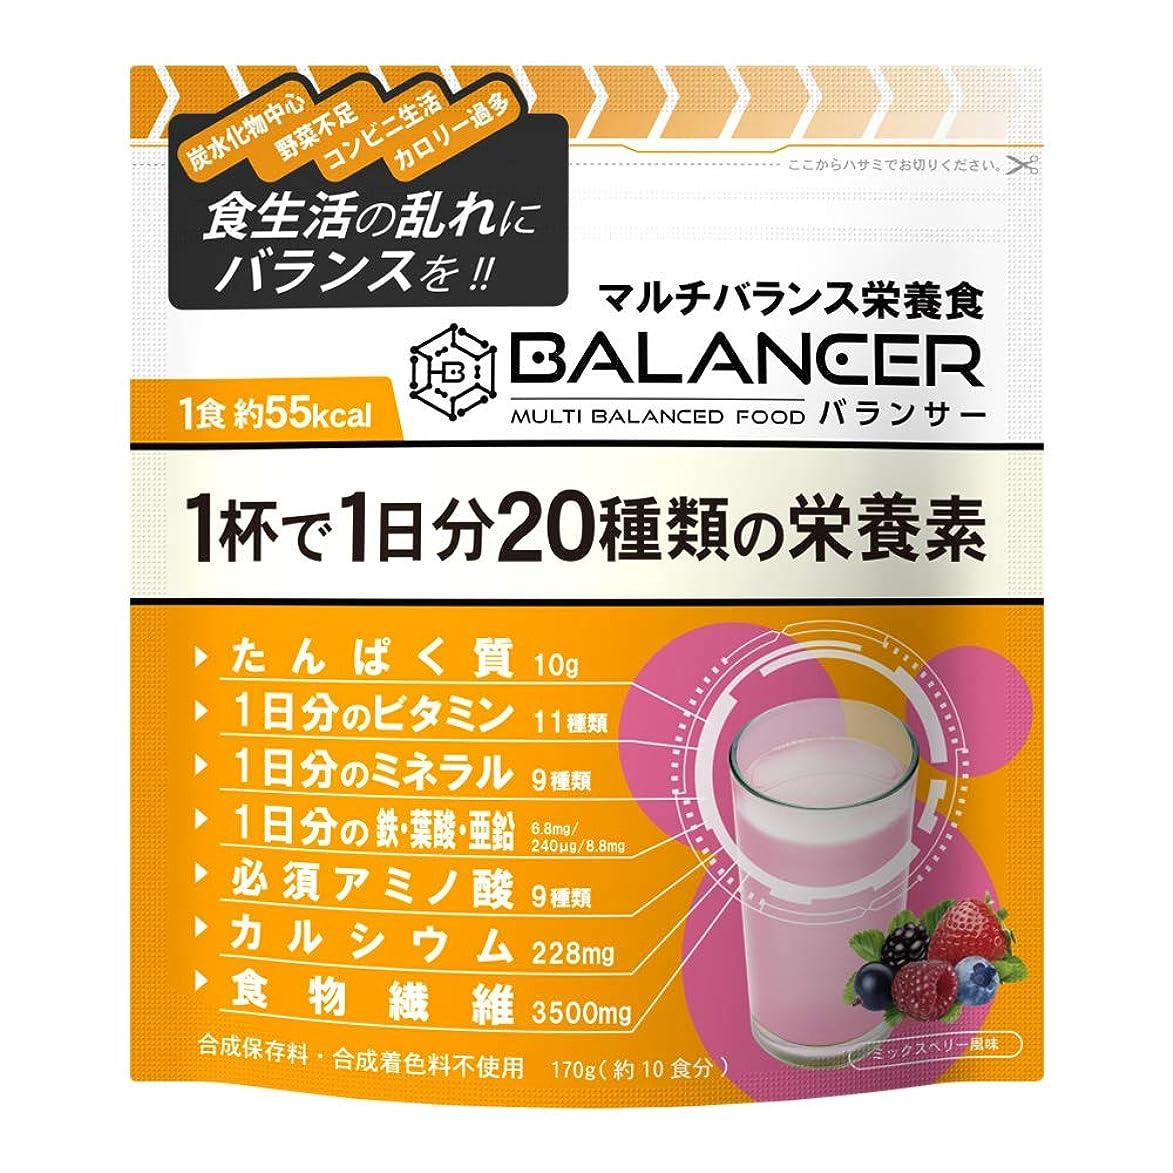 デイジー堀レベルバランサー 低糖質 高たんぱく 1杯で1日分20種類の栄養素 マルチバランス栄養食 ミックスベリー風味 170g